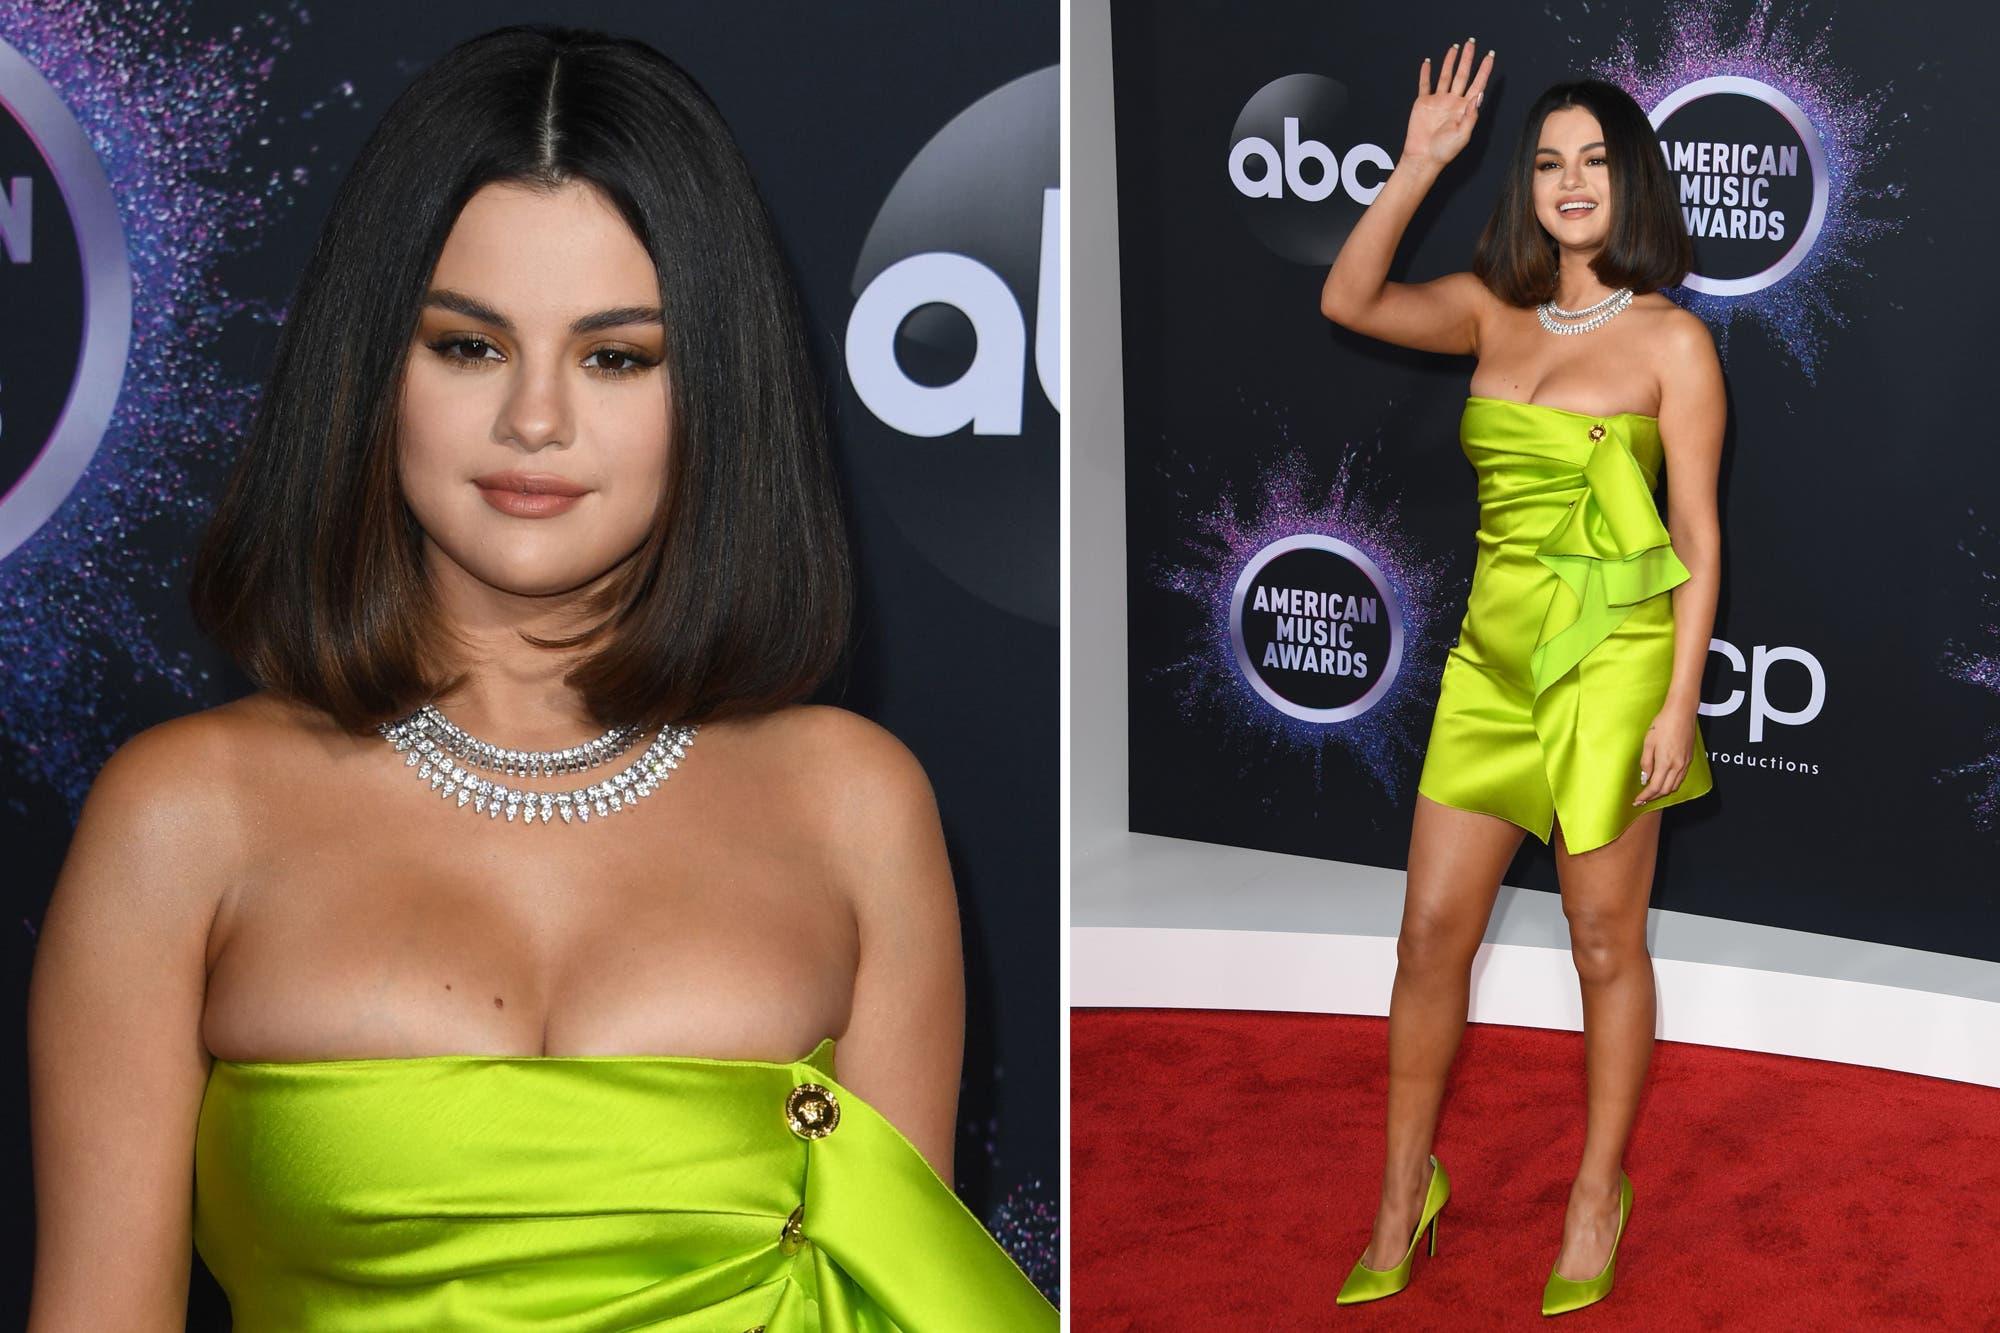 Selena Gomez sufrió un ataque de pánico antes de los American Music Awards 2019